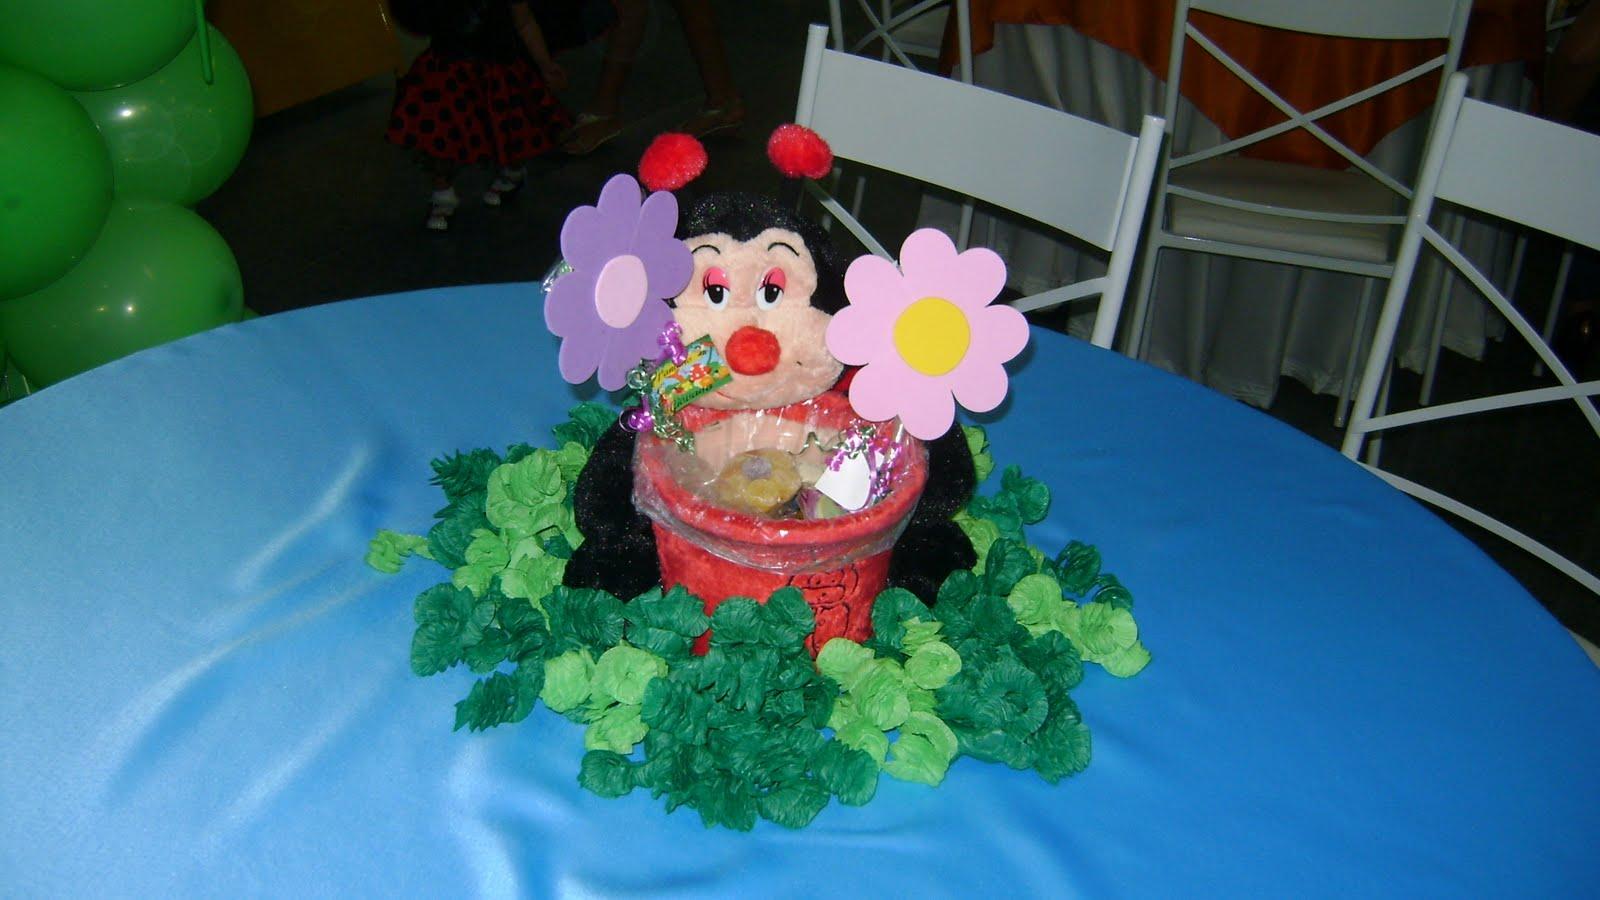 mesa infantil jardim:Bicho de pelúcia abraçado no vaso (joaninha, sapo, abelha, borboleta